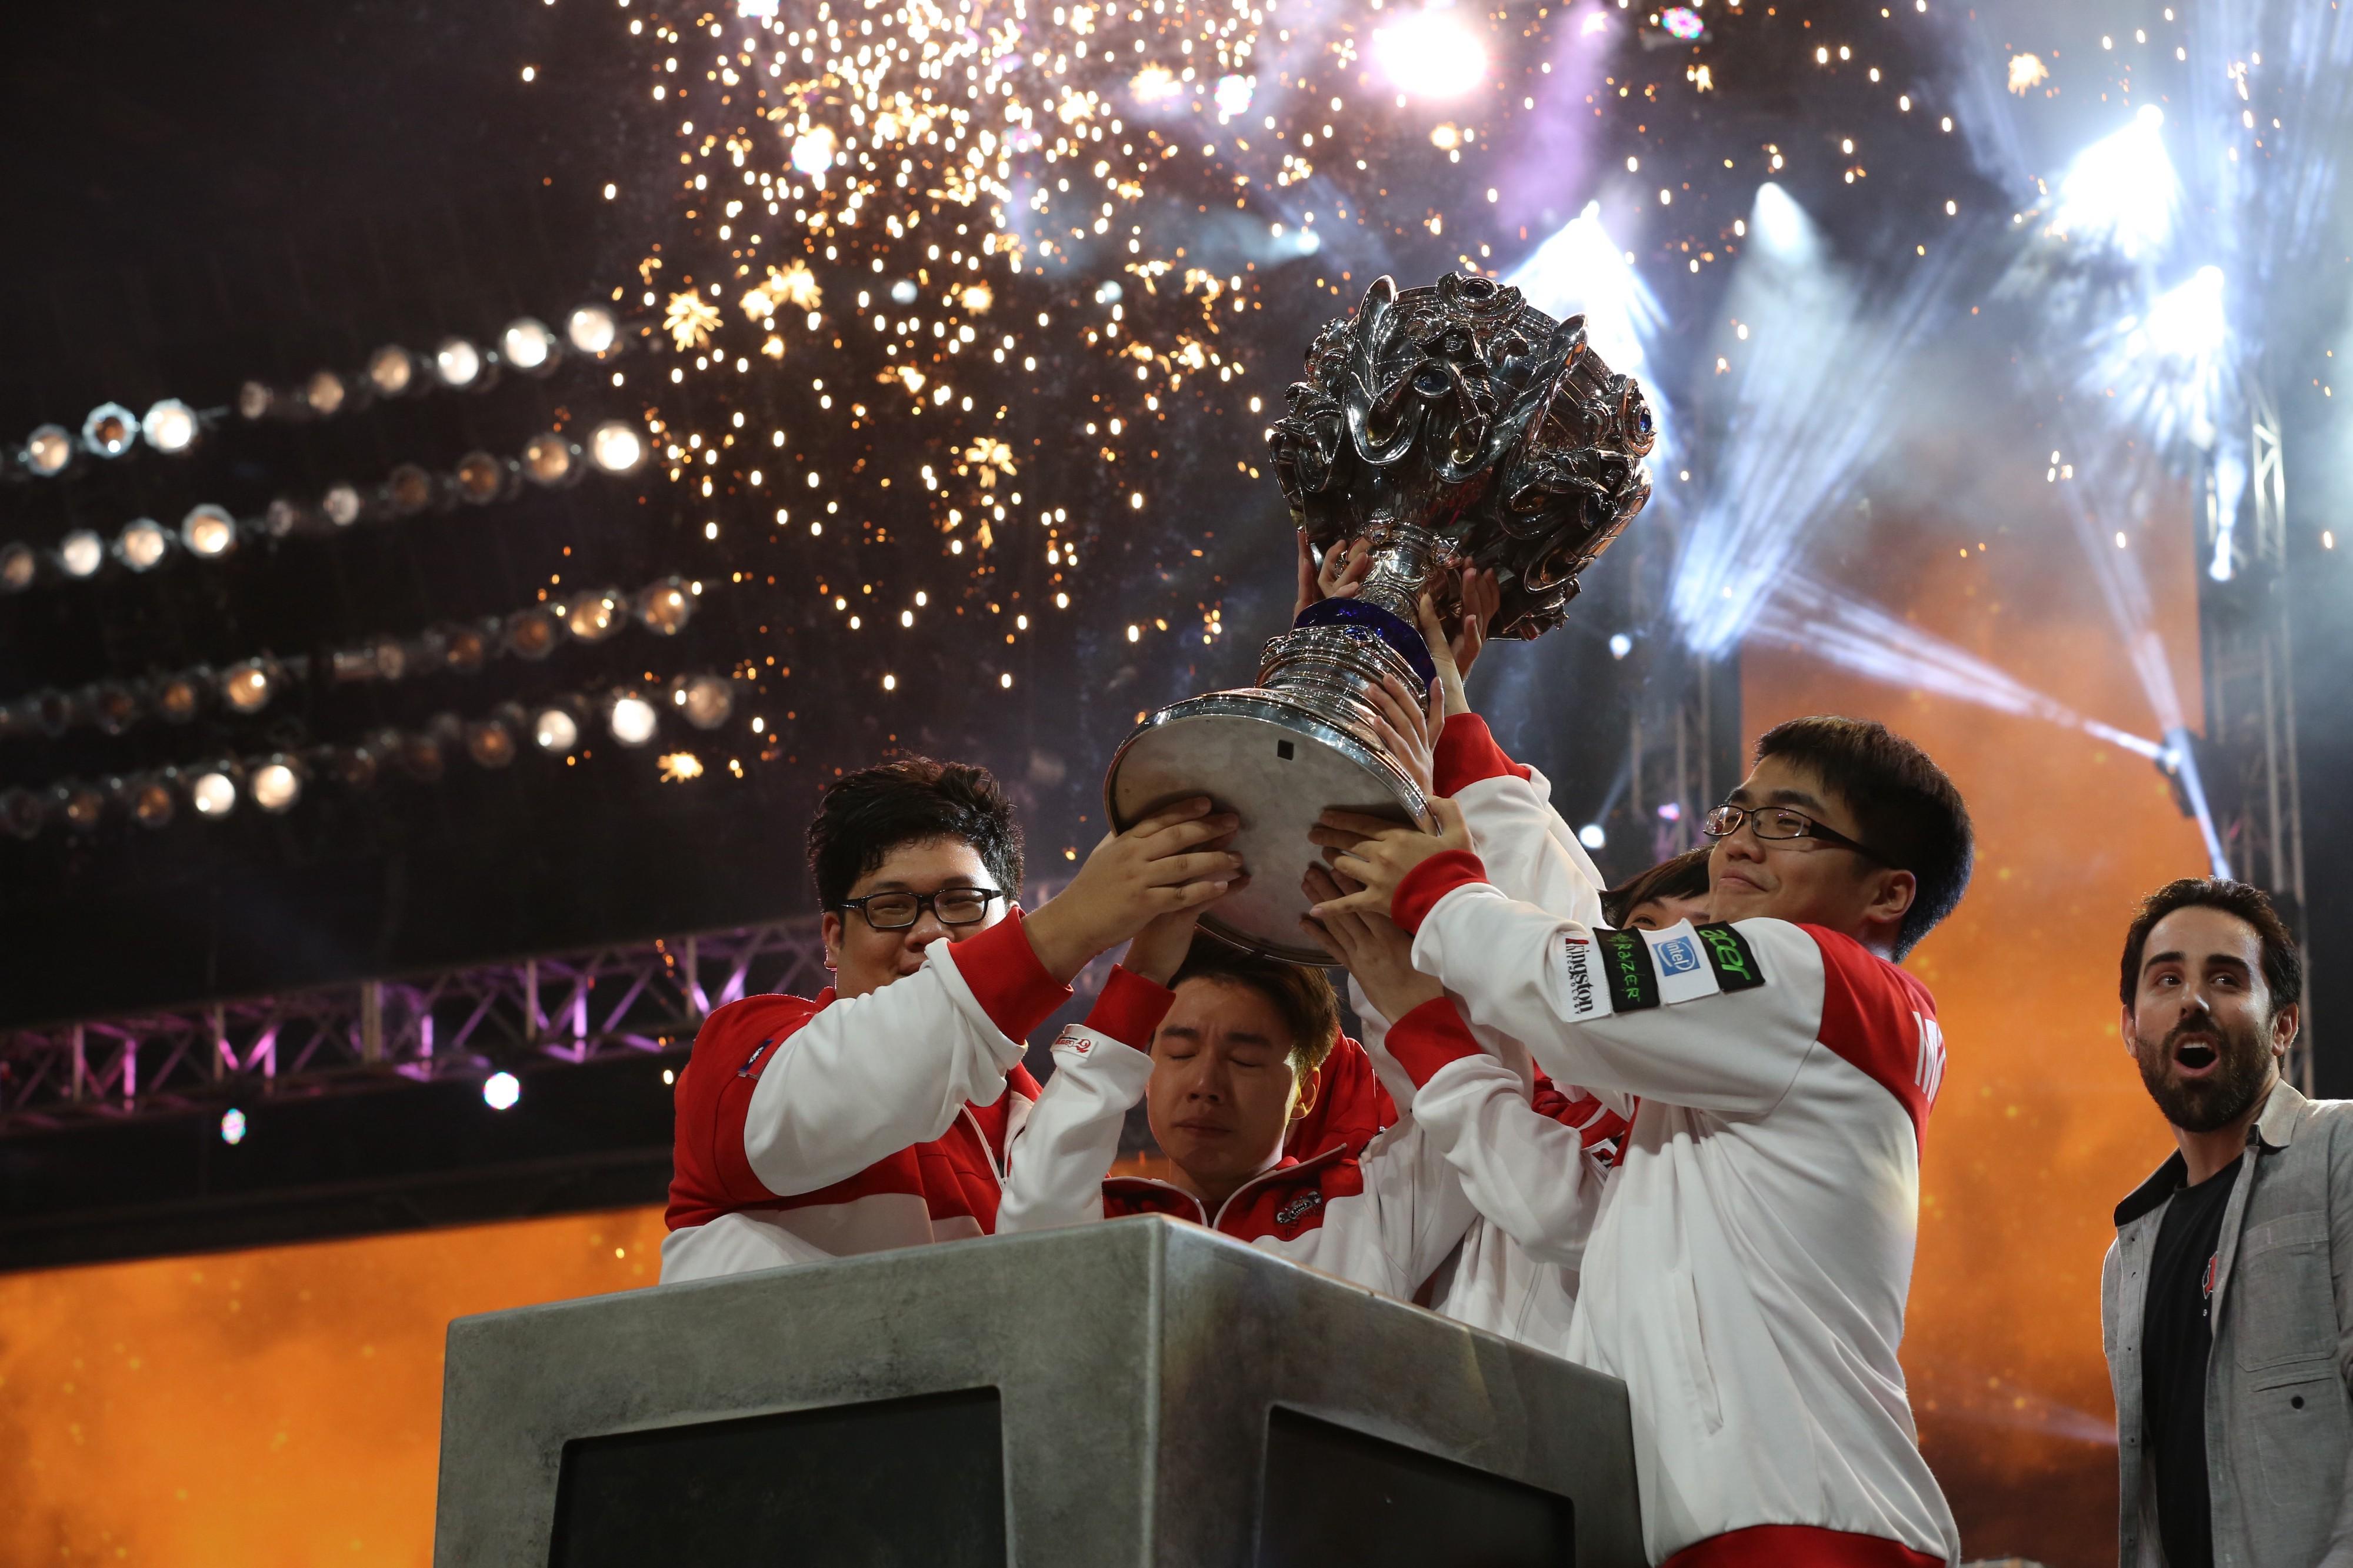 Mundial League of Legends LoL 2012 Taipei Assassins